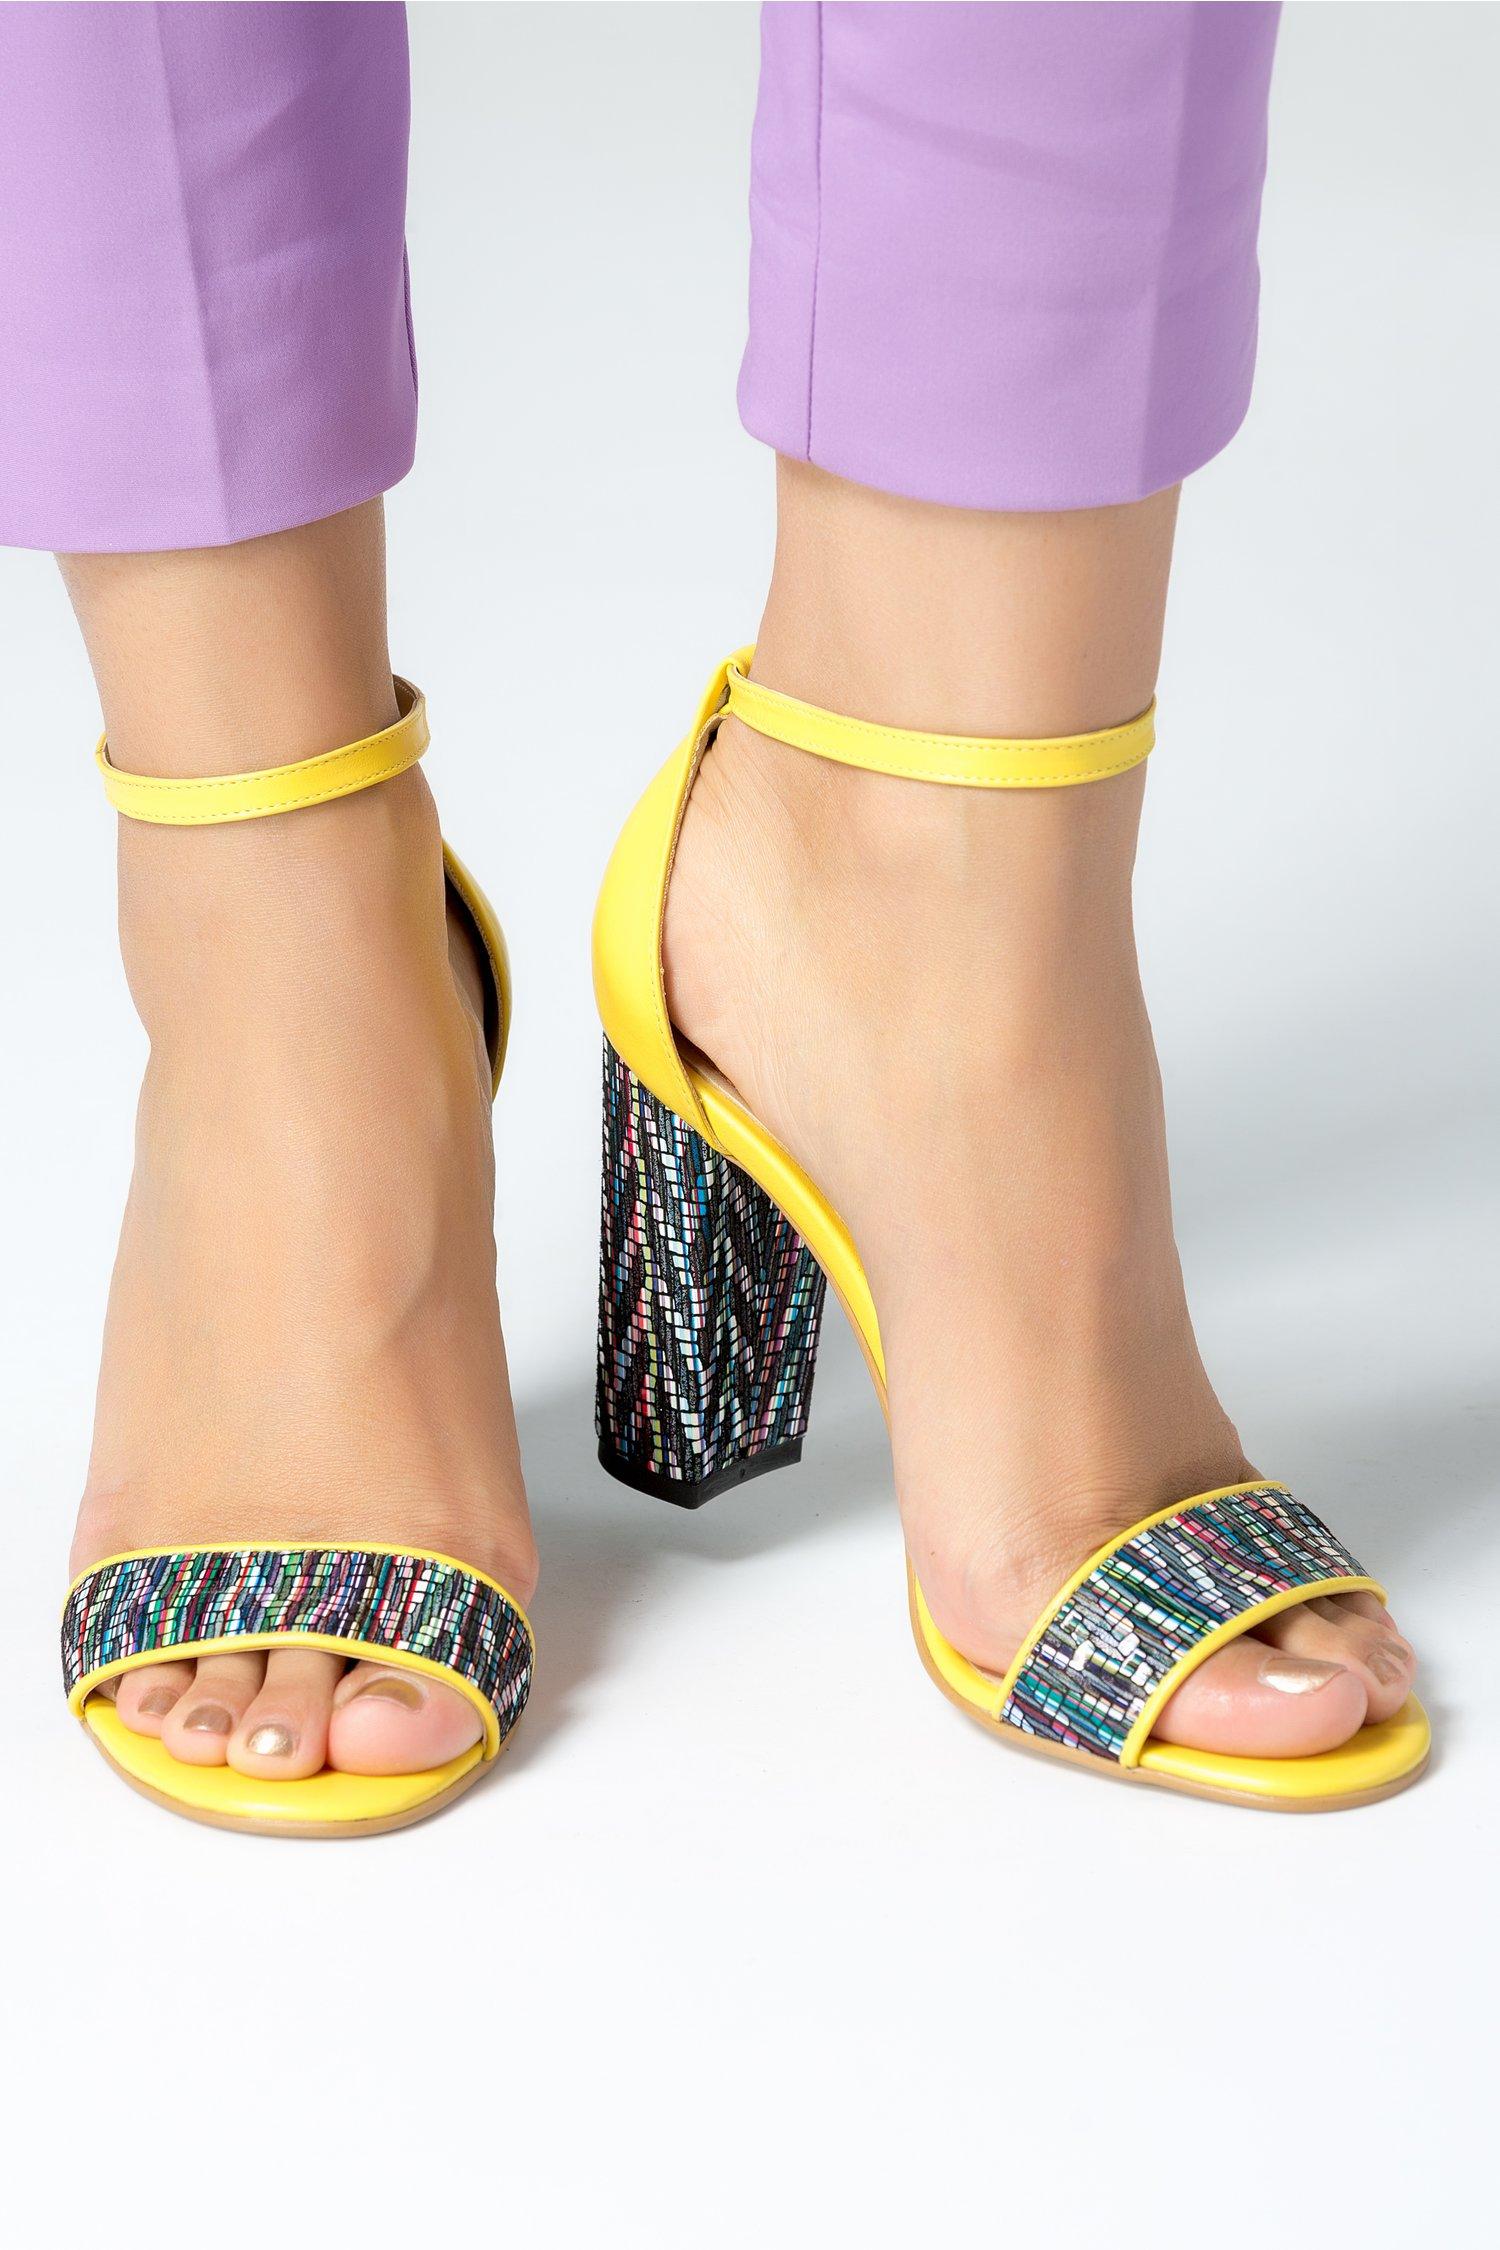 Sandale dama galbene cu insertii colorate